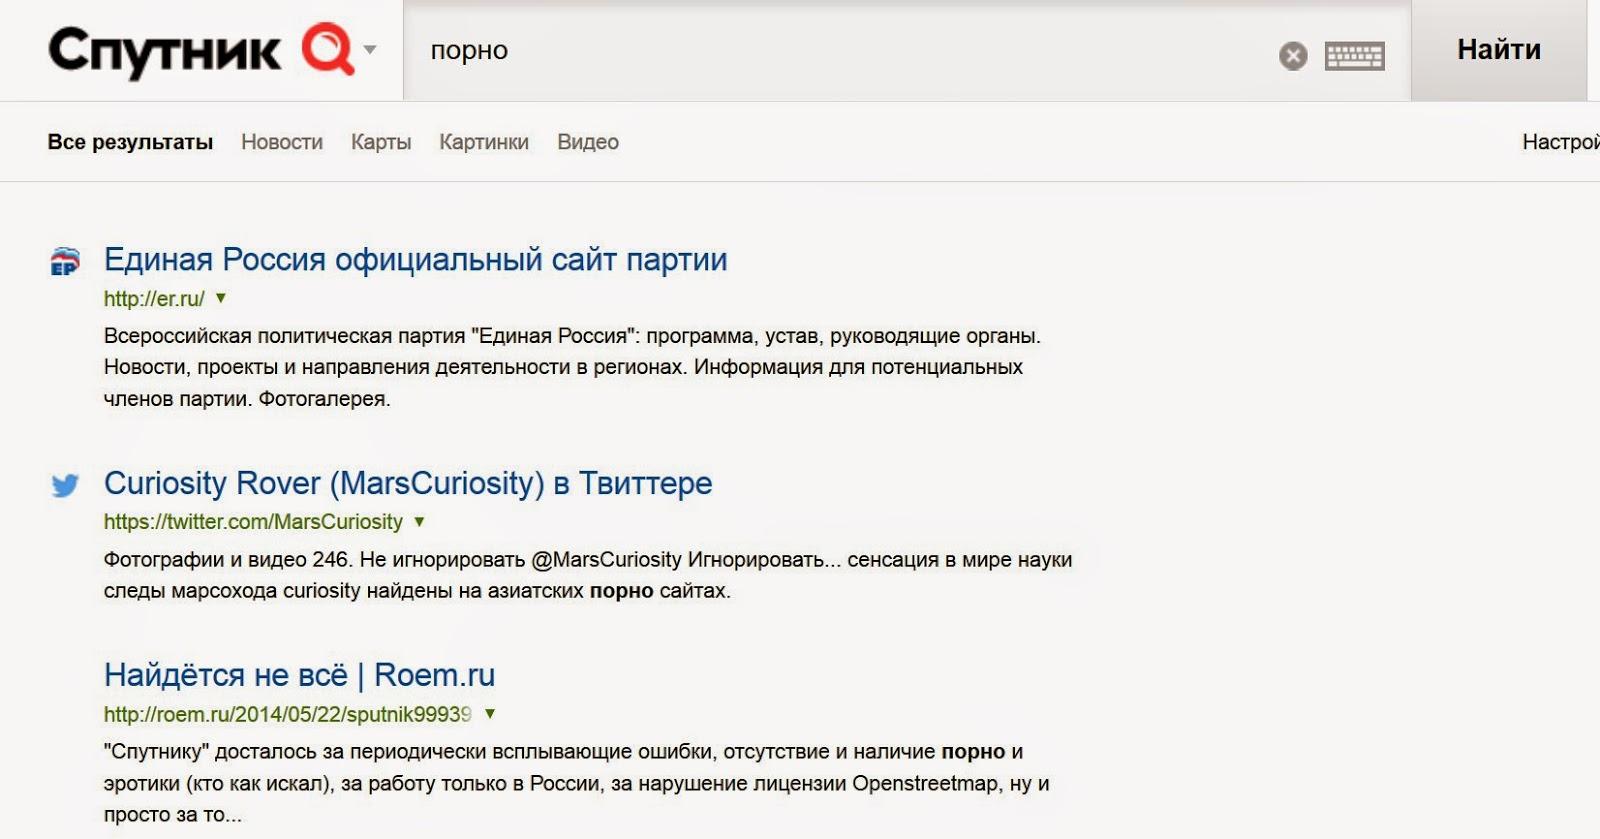 Лицензия на порно россия